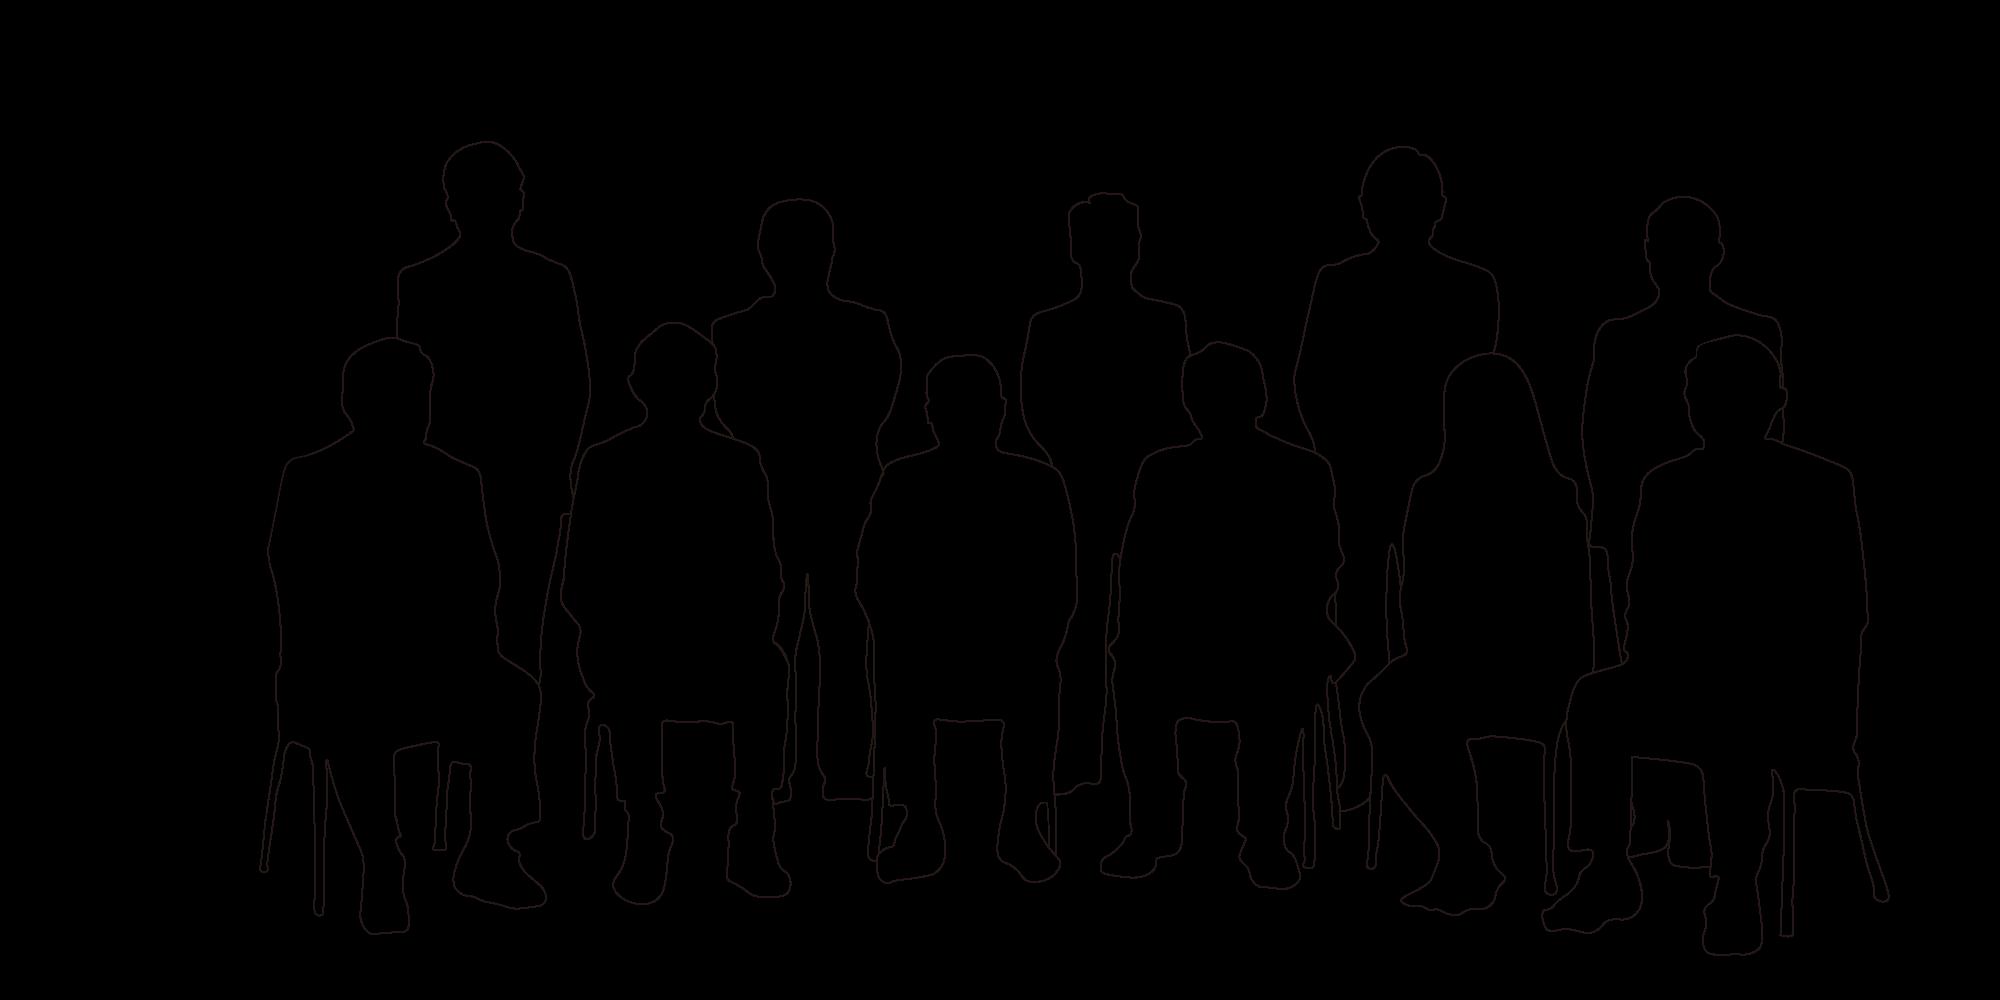 写真と人物の対応図